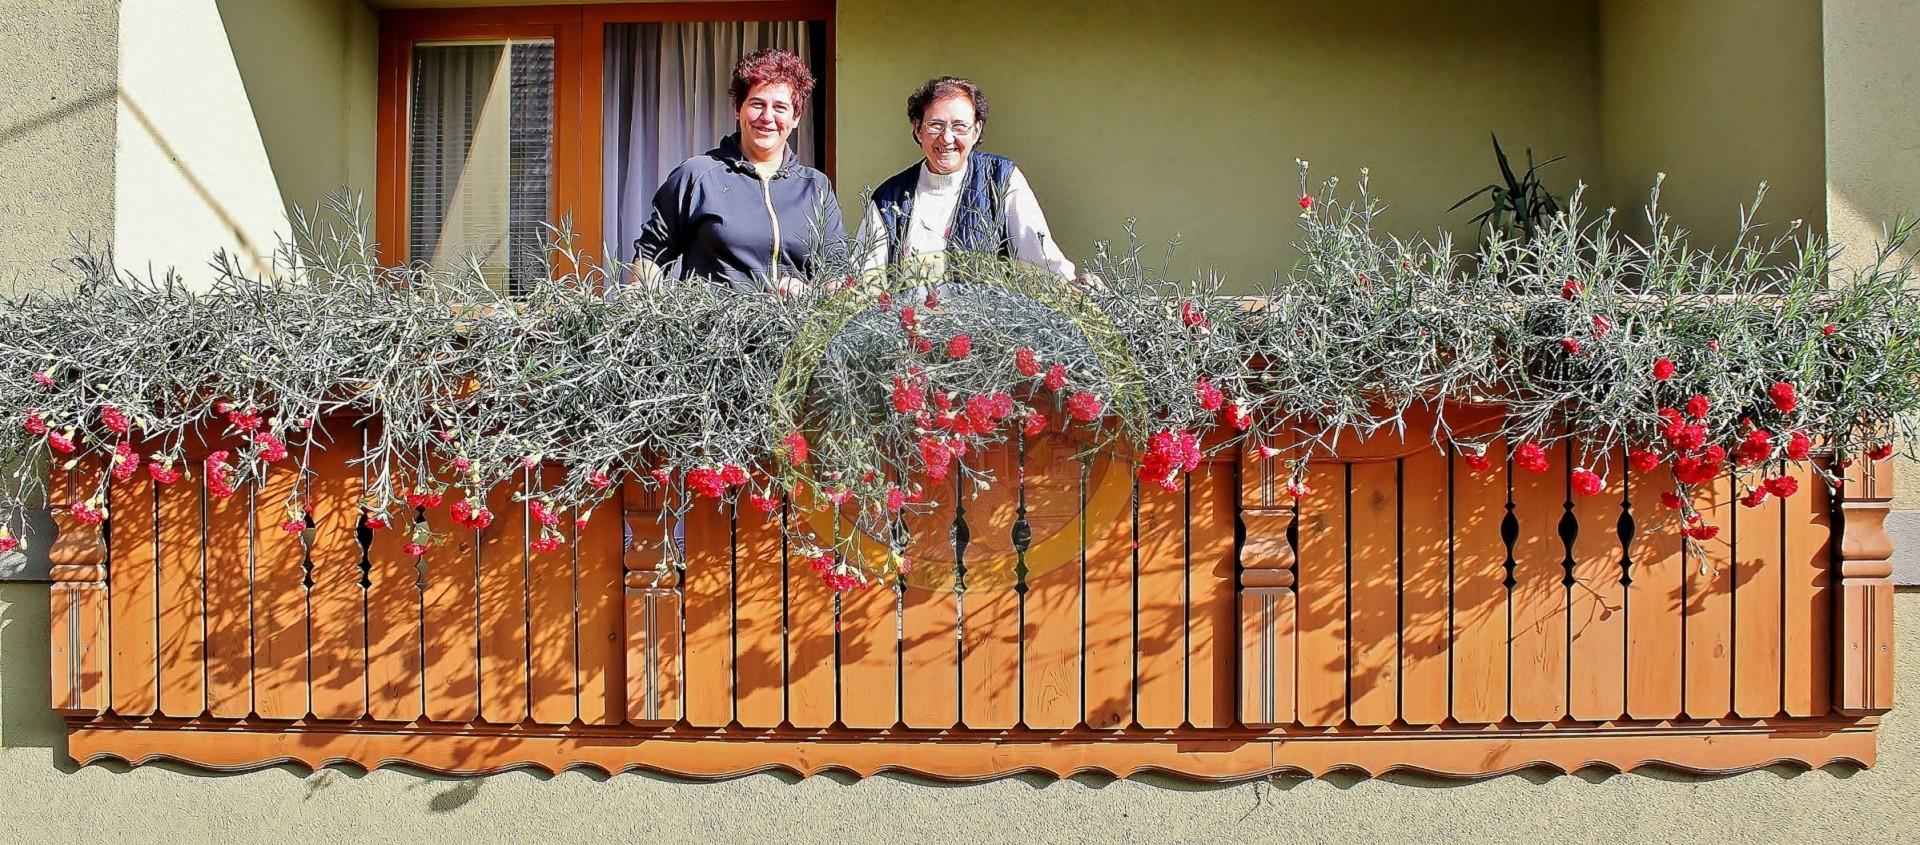 Družina Kleindienst nima nageljnov le doma, pač pa tudi na planini Dolga njiva nad Jelendolom, ob slovensko avstrijski meji. Gospa Mateja ugotavlja, da gorenjski nageljni bolje uspevajo na planini,saj je tam manj vroče, okolje pa je manj onesnaženo. Kleindienstovim je na letošnjem srečanju delavcev gorenjskih turističnih društev v Poljanah nad Škofjo Loko, v začetku oktobra podelila priznanje za gorenjske nageljne tudi Gorenjska turistična